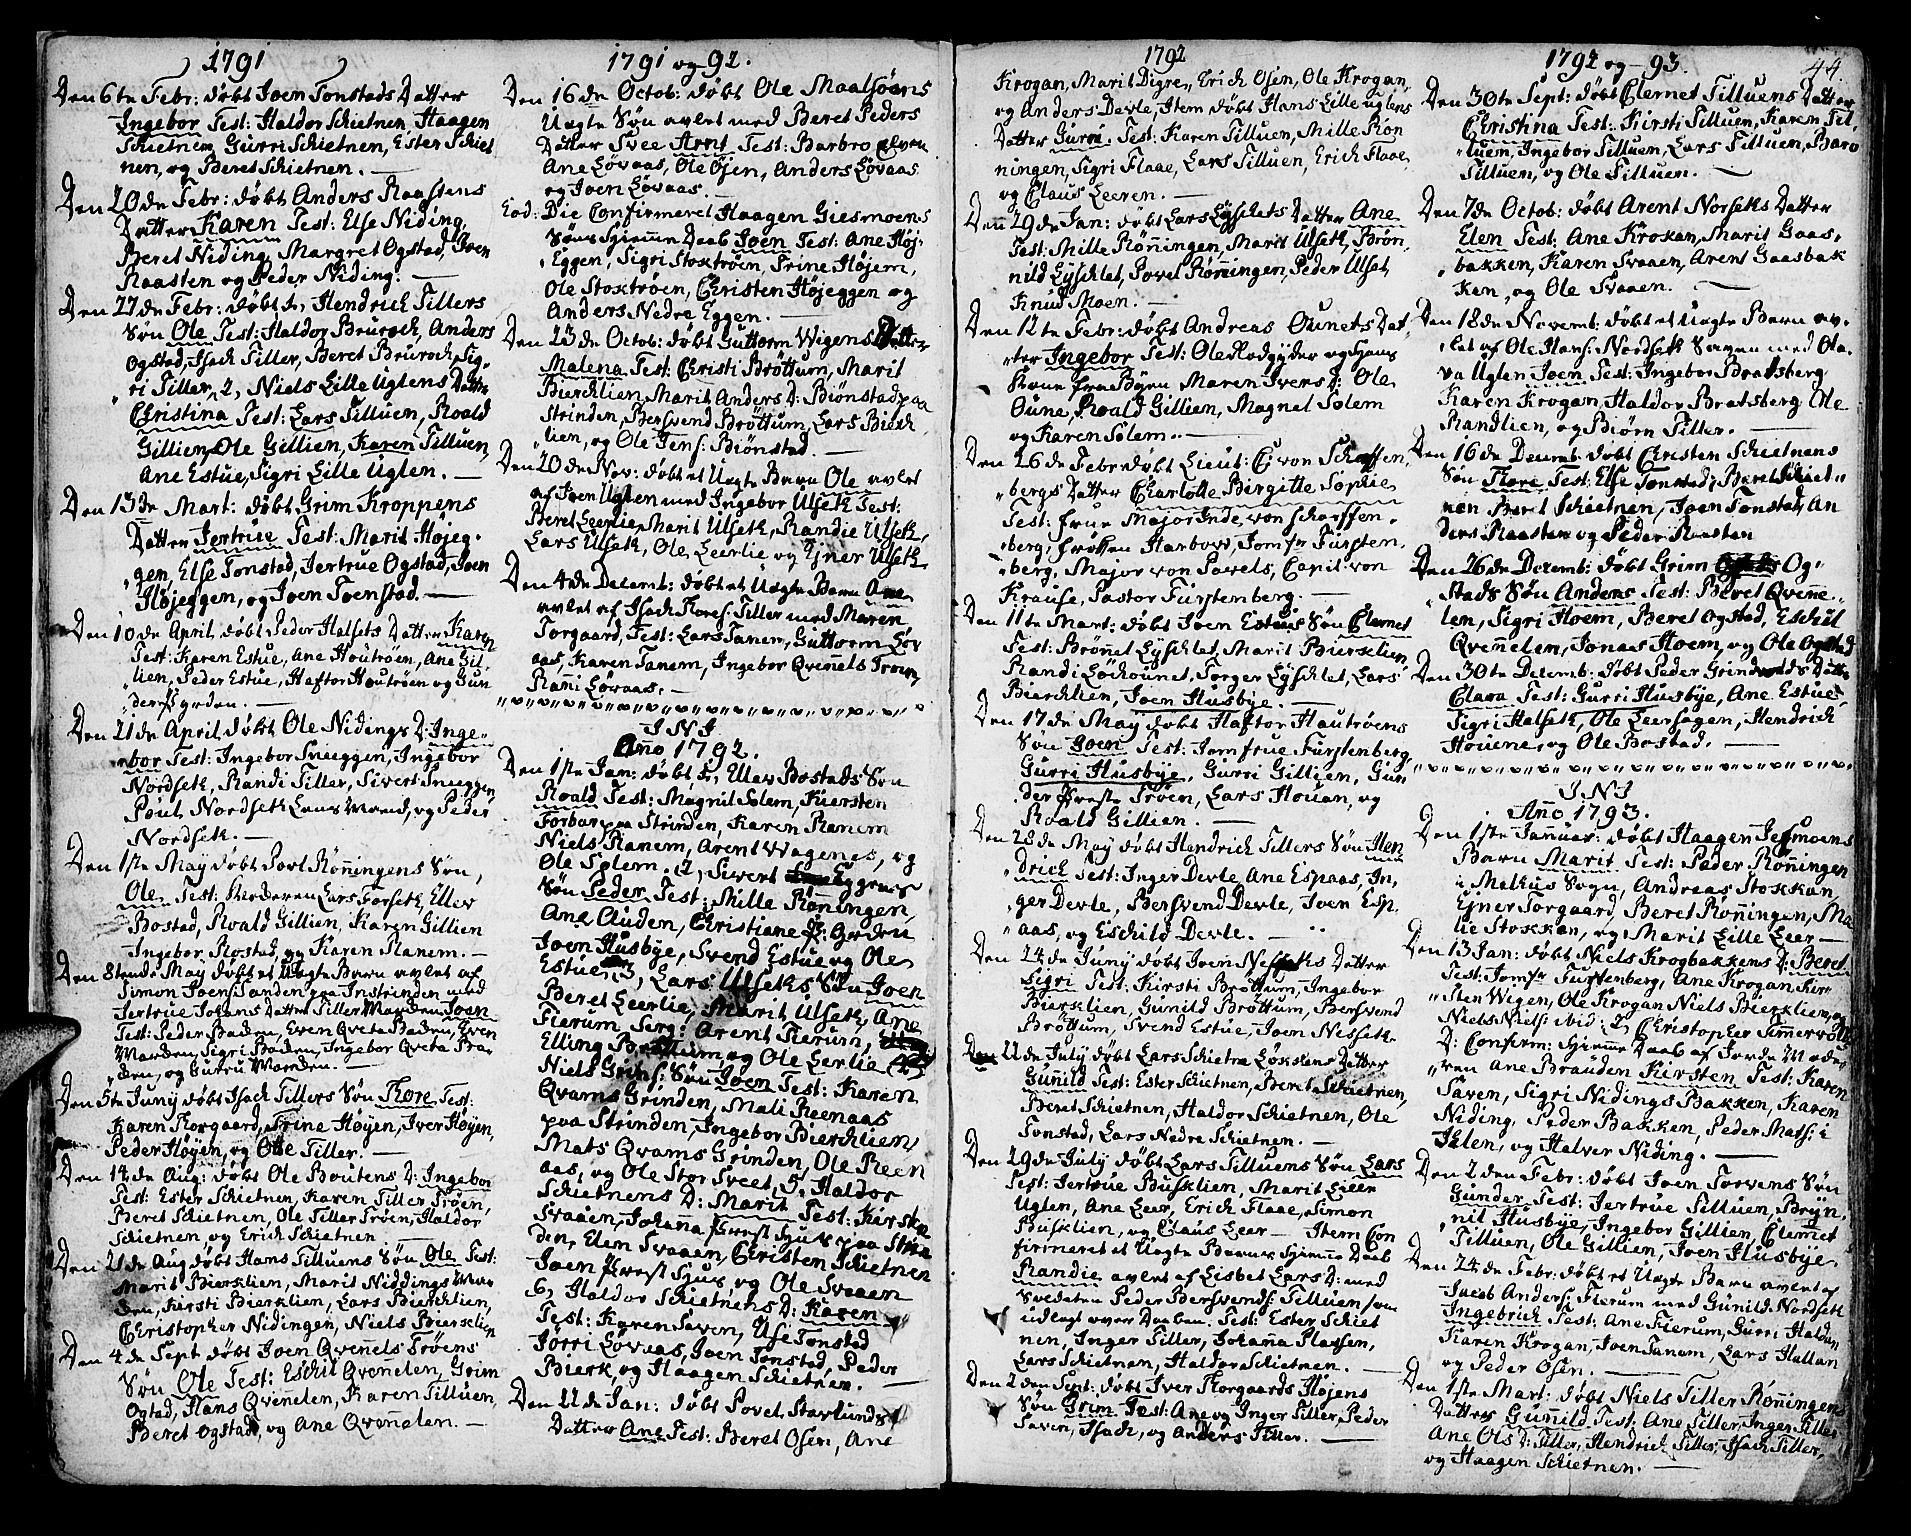 SAT, Ministerialprotokoller, klokkerbøker og fødselsregistre - Sør-Trøndelag, 618/L0438: Ministerialbok nr. 618A03, 1783-1815, s. 44